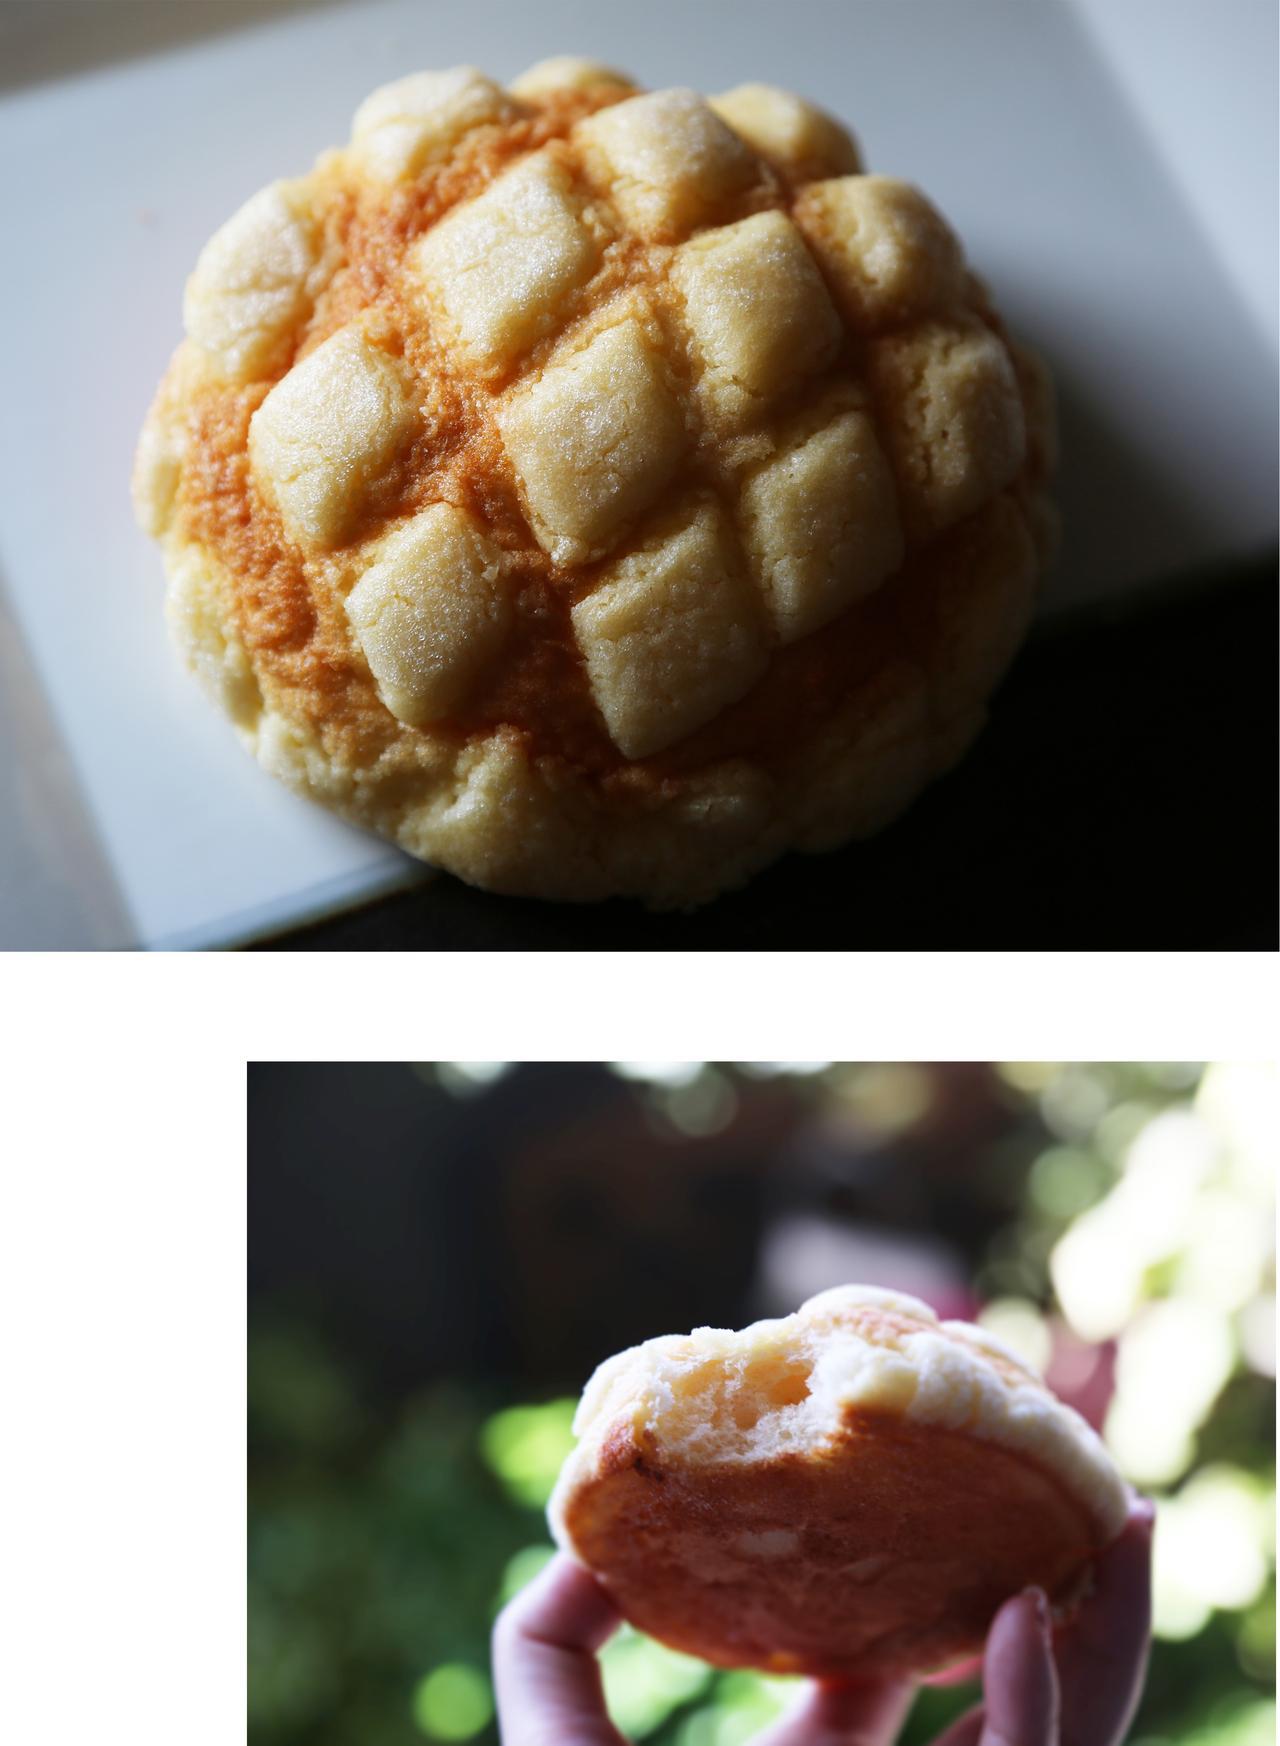 画像2: ラ ブリオッシュの絶品パンば紹介するばい〜